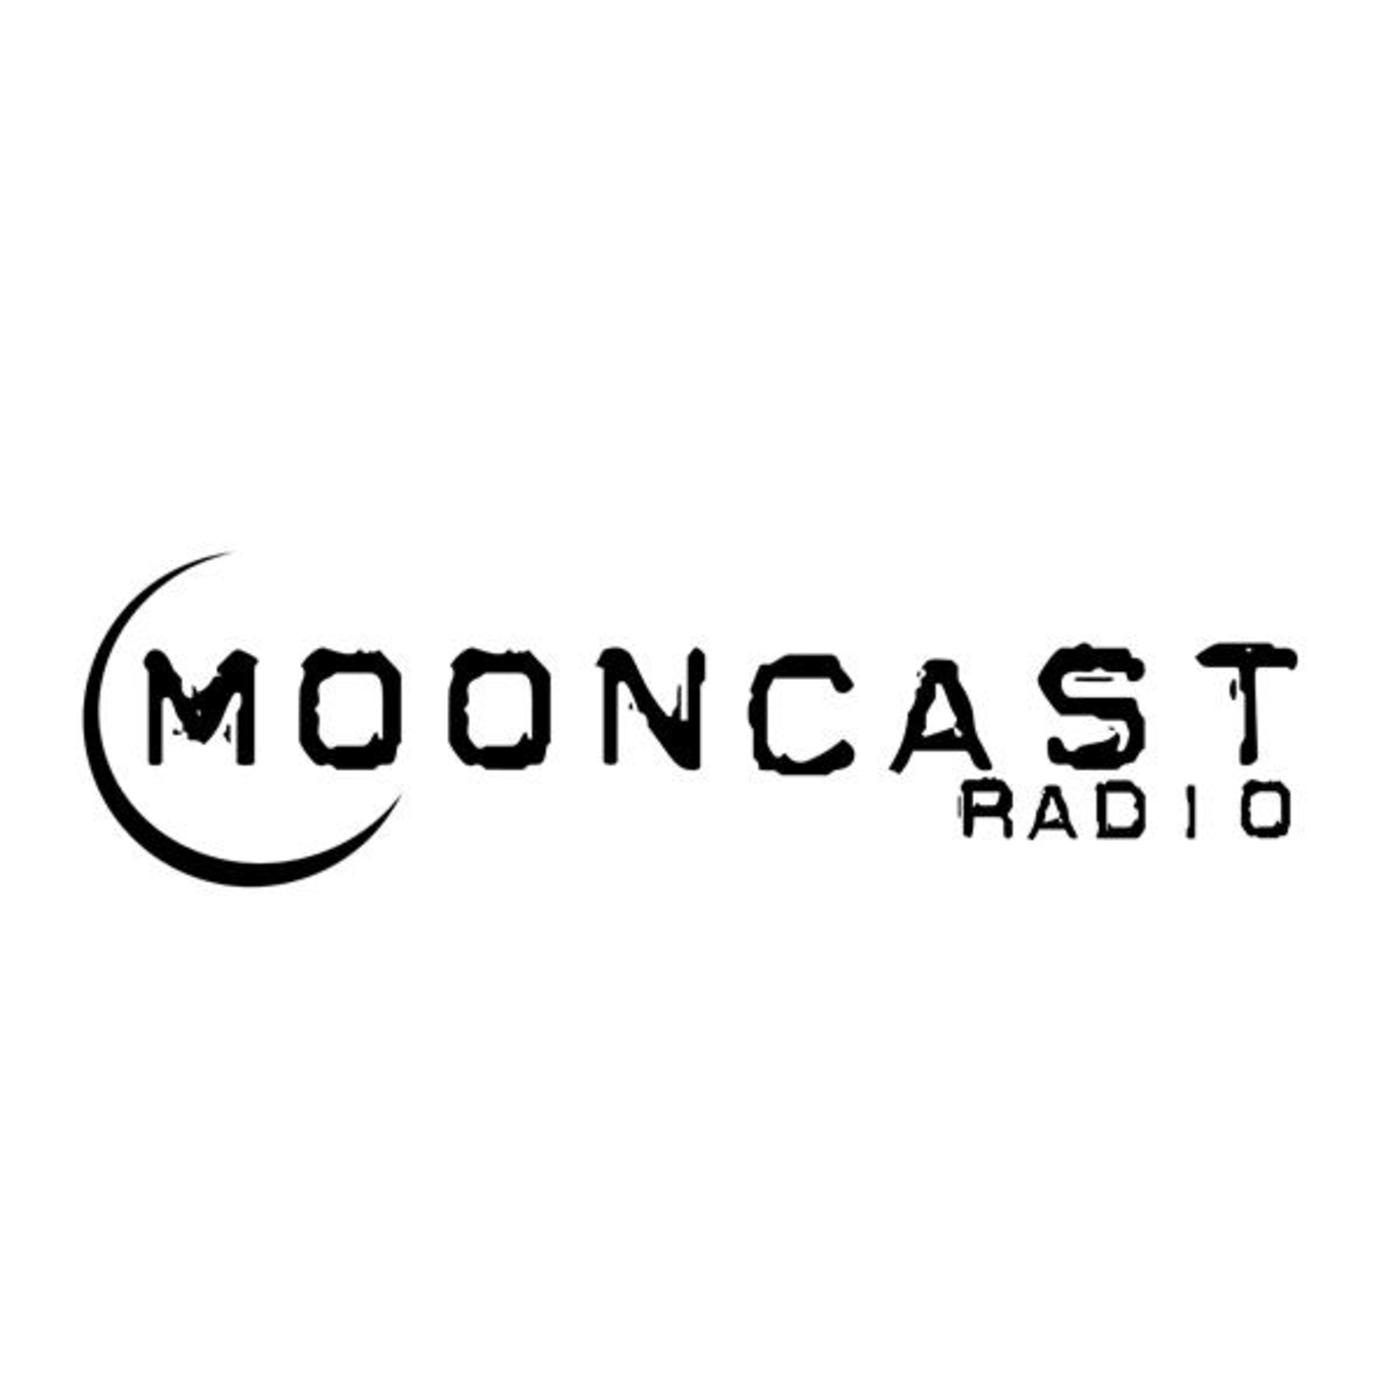 MOONCAST RADIO